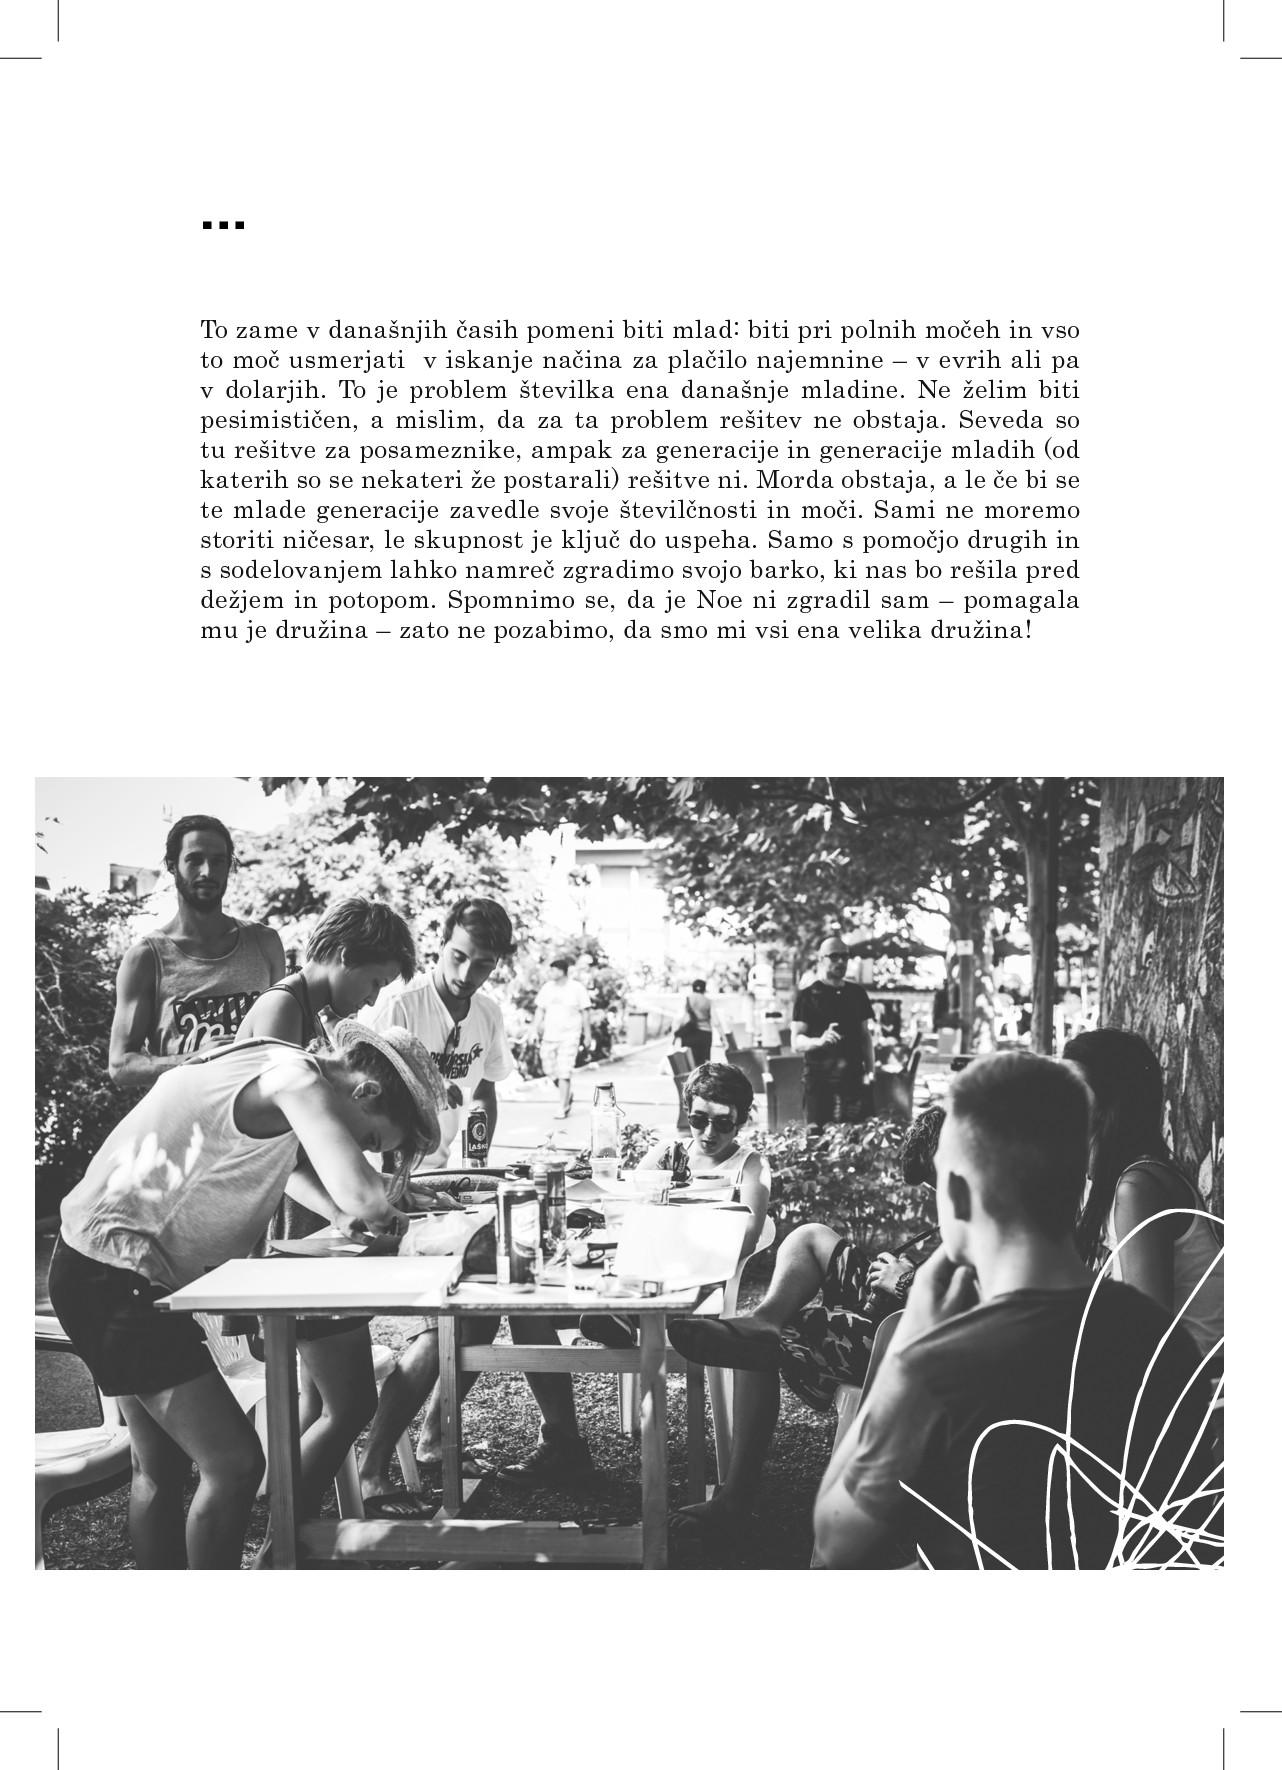 knjizica_biti_mlad-020-020.jpg